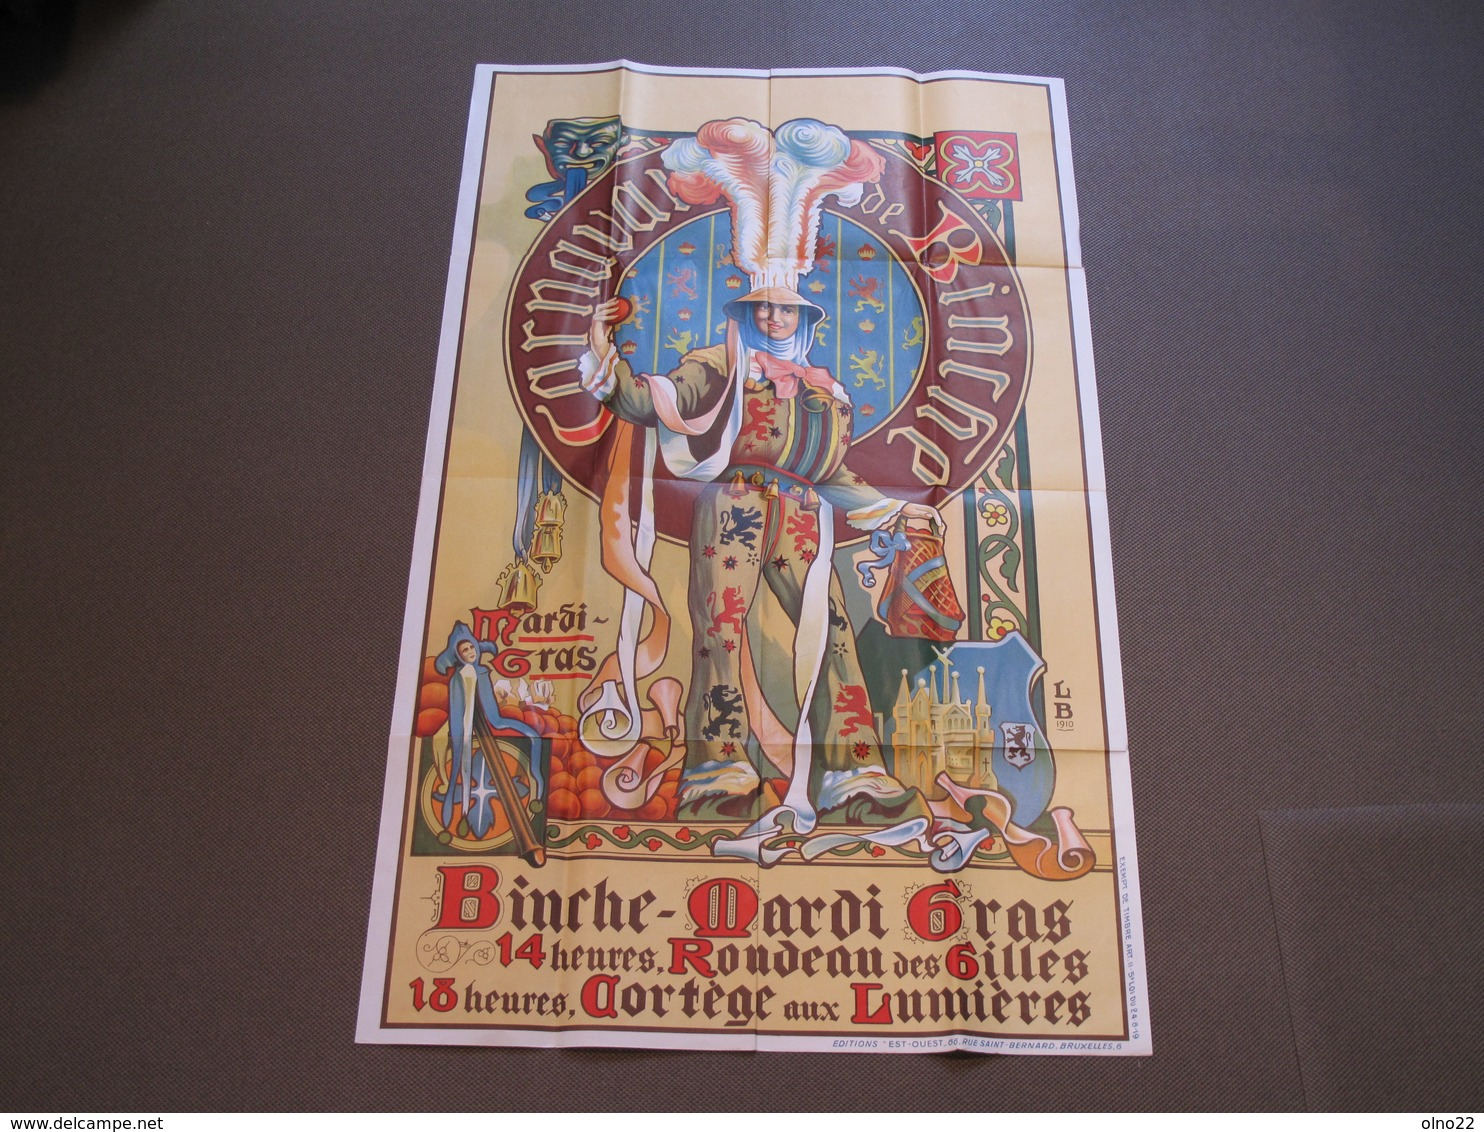 CARNAVAL DE BINCHE - AFFICHE DE LOUIS BUISSERET GRAPHISME DE 1910 - Ed. EST-OUEST RUE ST BERNARD BRUXELLES - Affiches